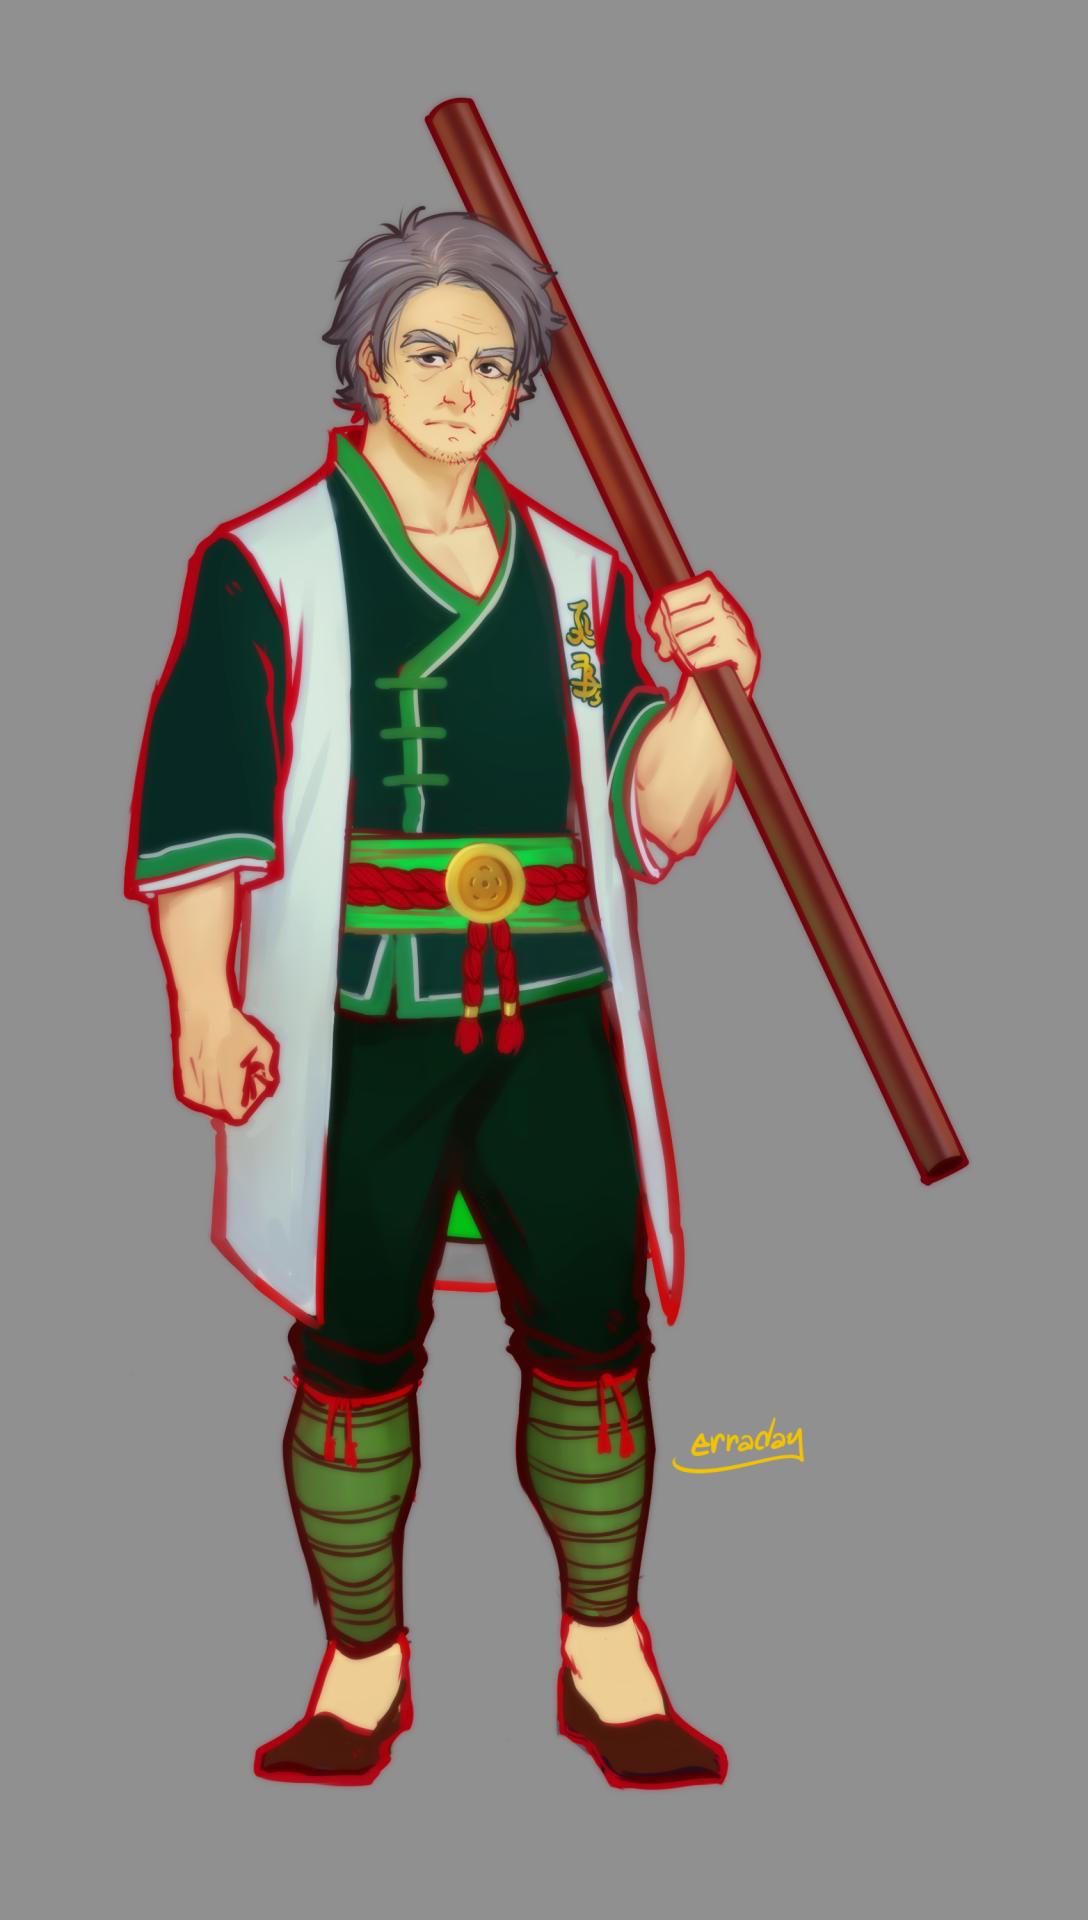 Ninjago Master Garmadon By Erraday ninjago erraday